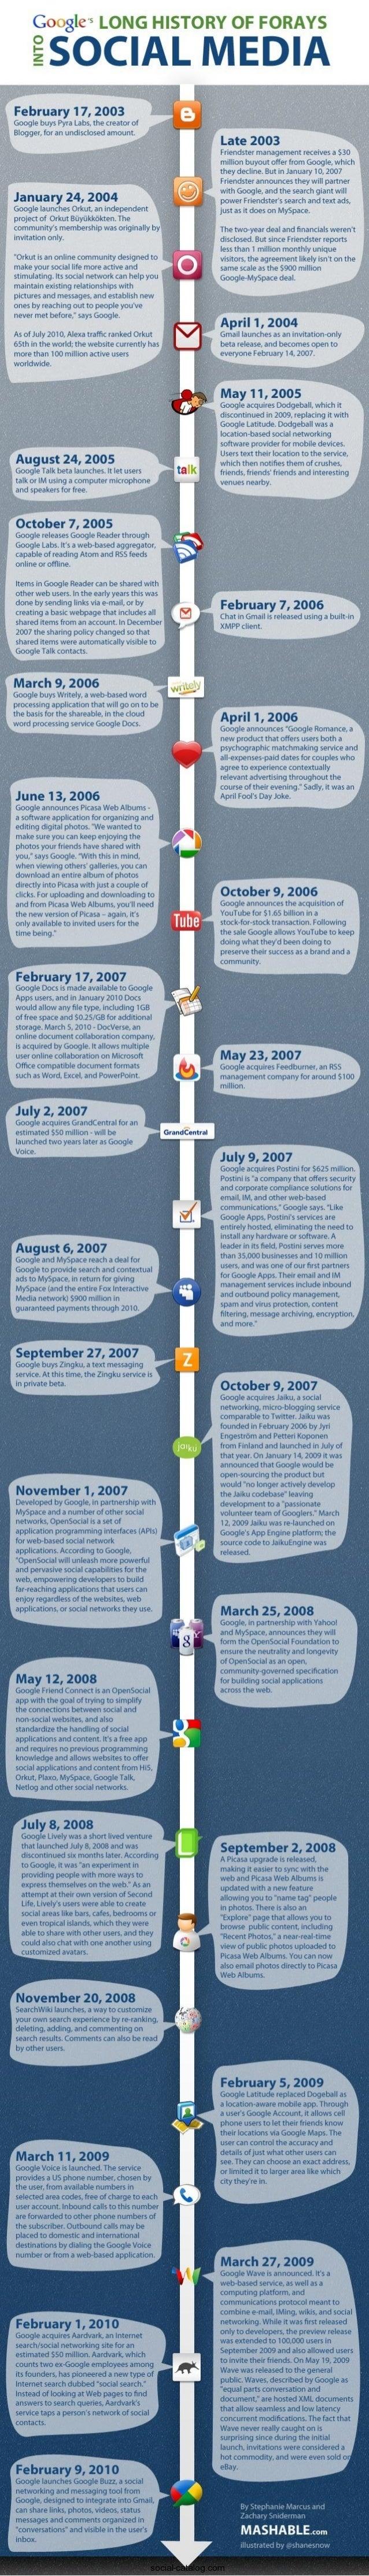 Google's Long History Of Forays Into Social Media